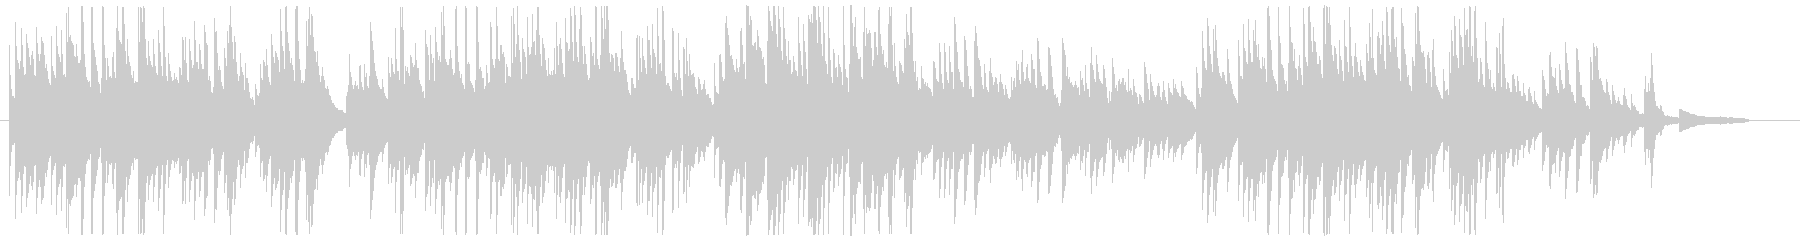 切ないピアノソロの未再生の波形